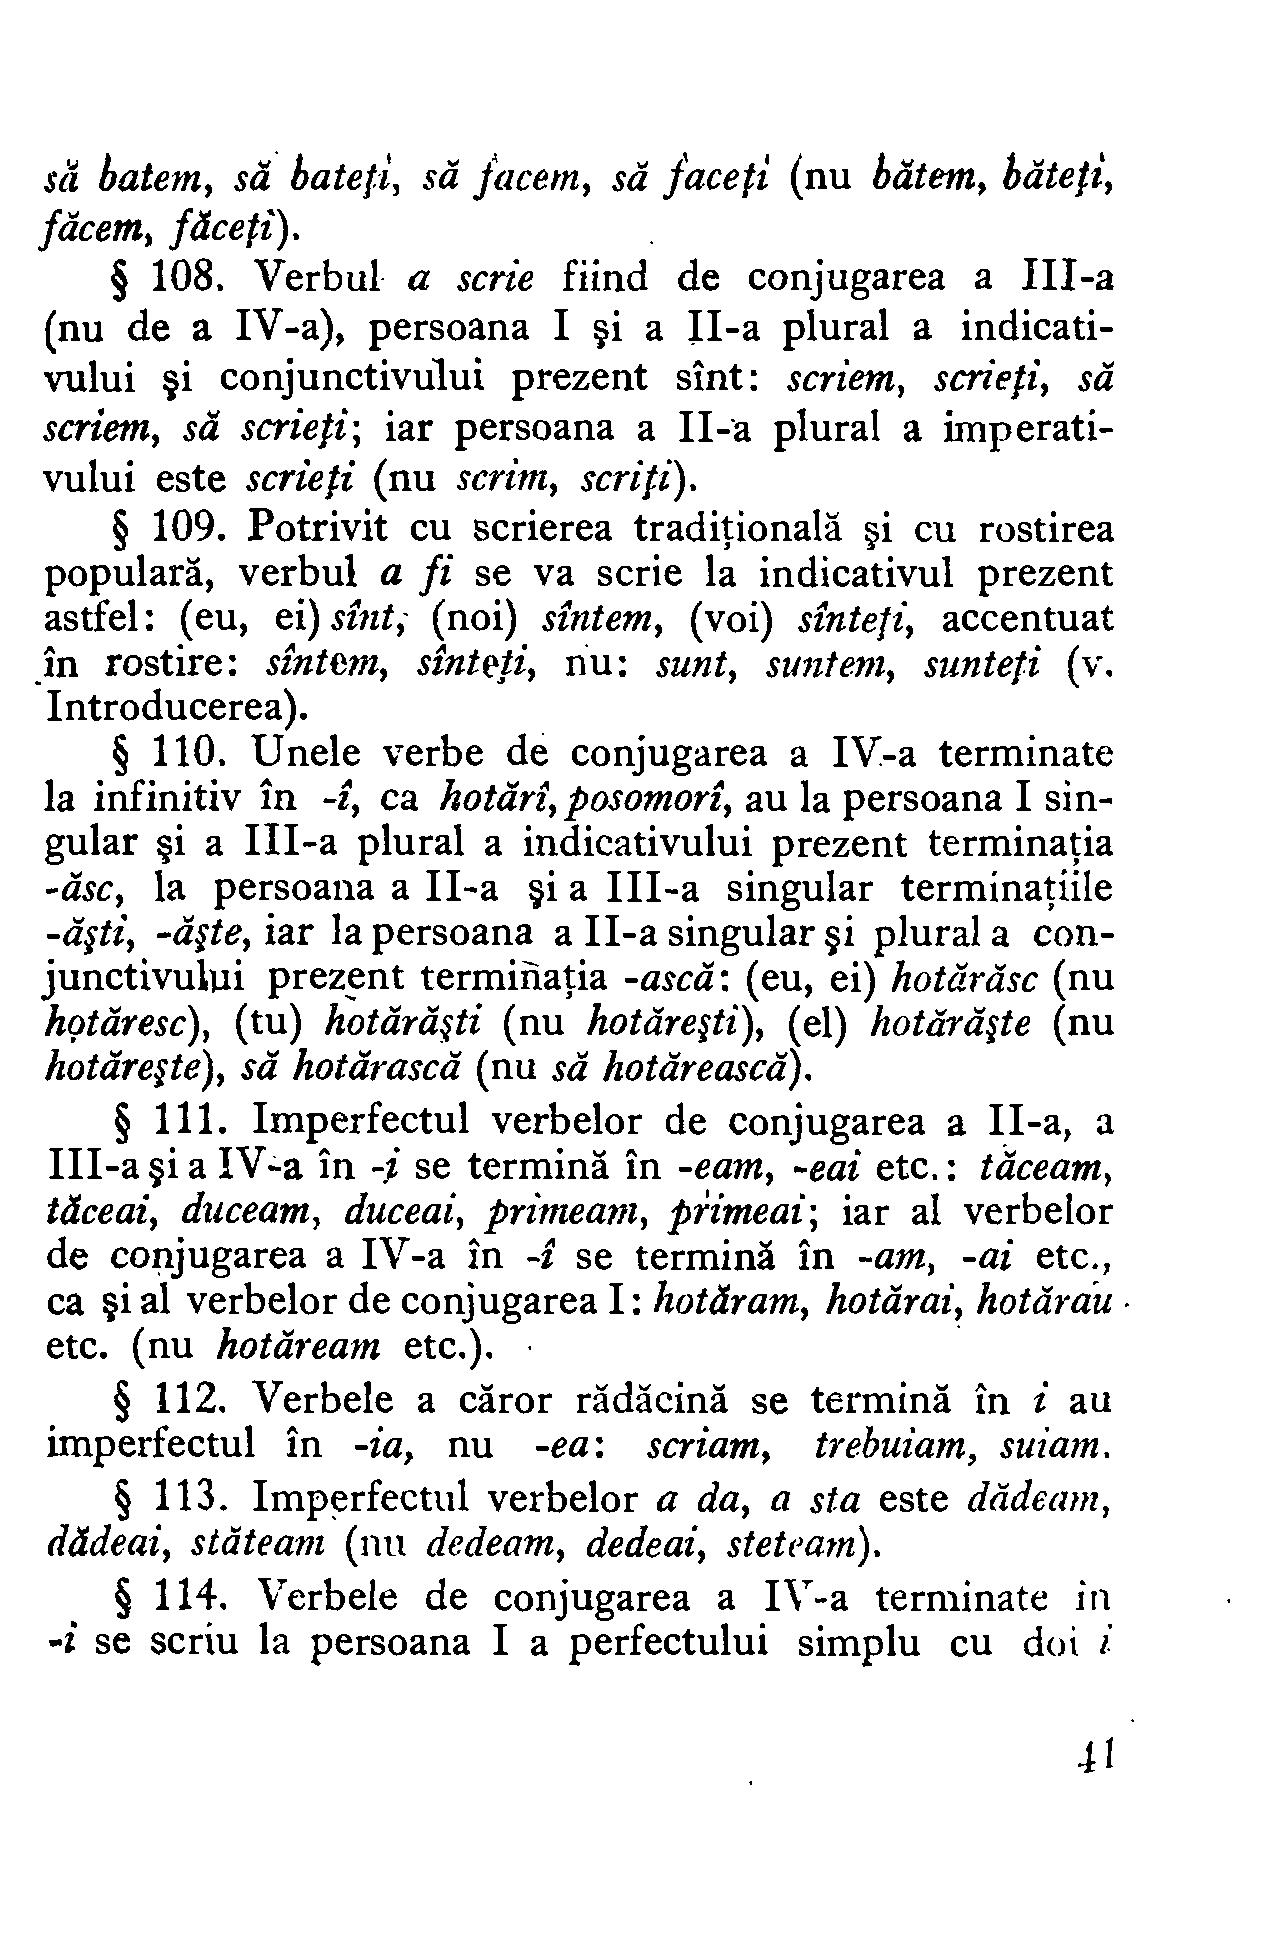 1954 - Mic dicționar ortografic (39).png